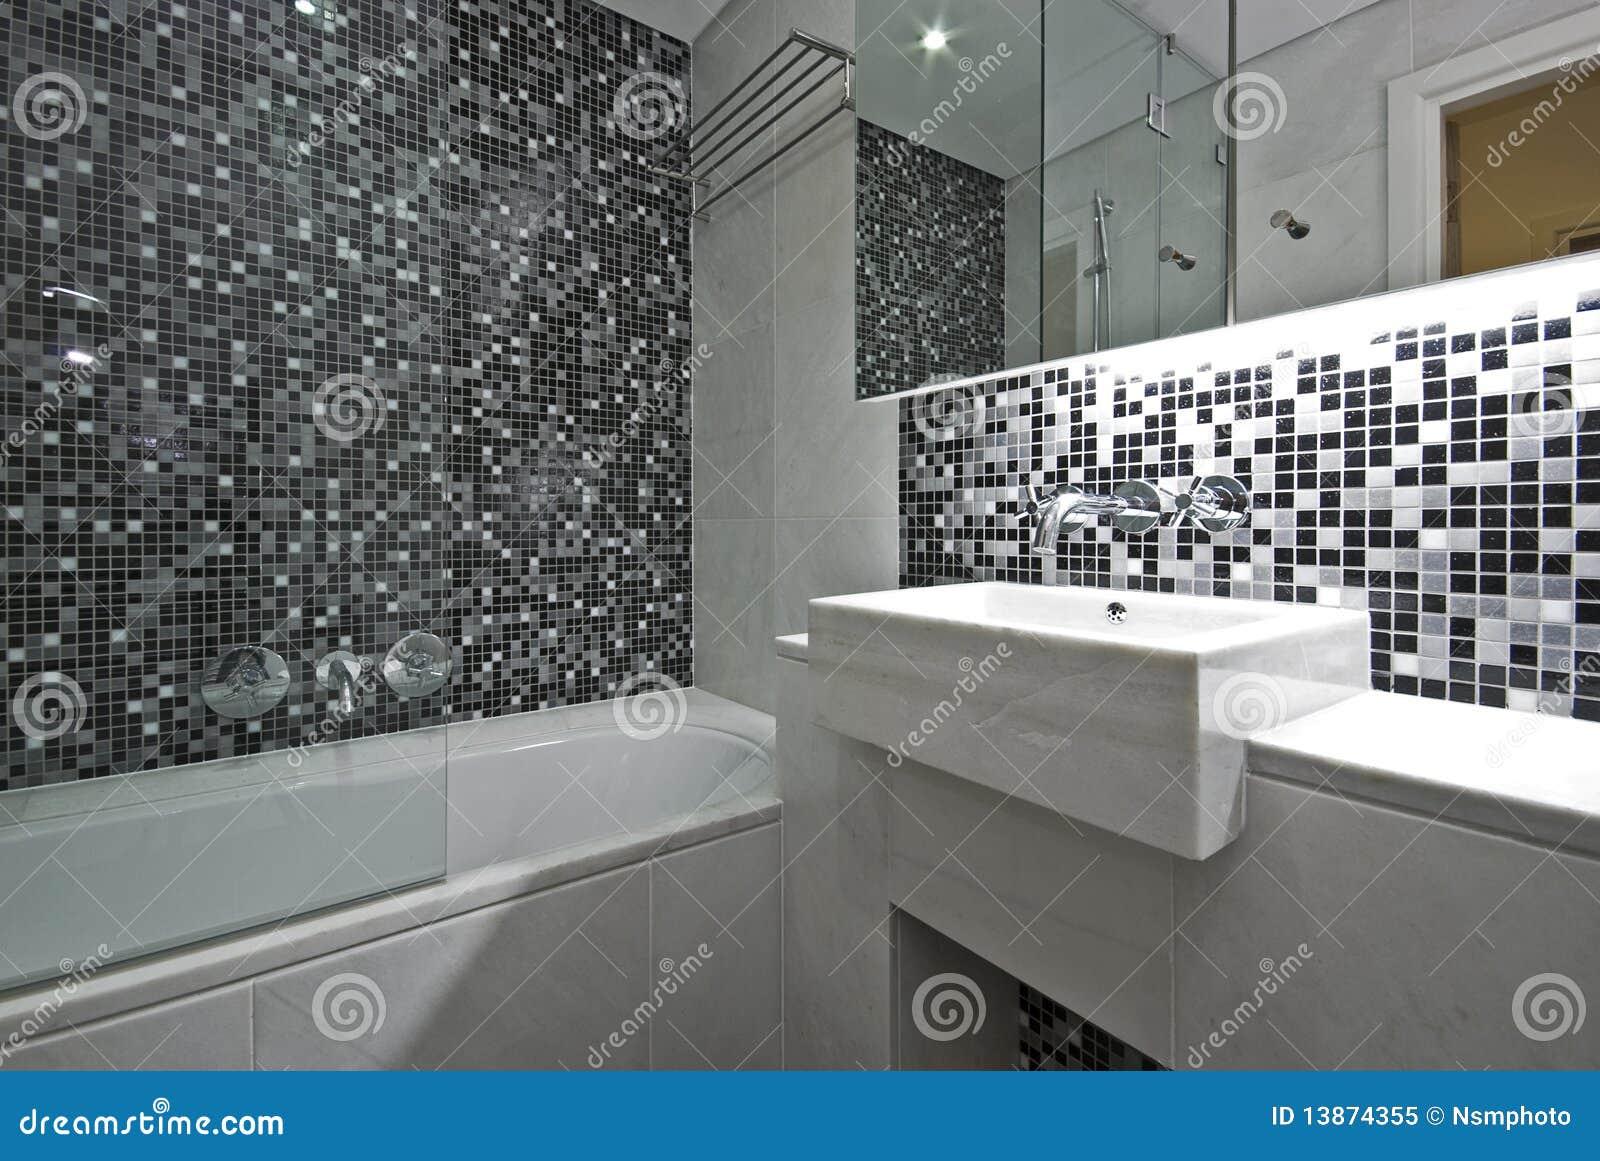 Banheiro Contemporâneo Da En série Em Preto E Branco Foto de Stock  #758447 1300x960 Banheiro Branco Com Vaso Preto